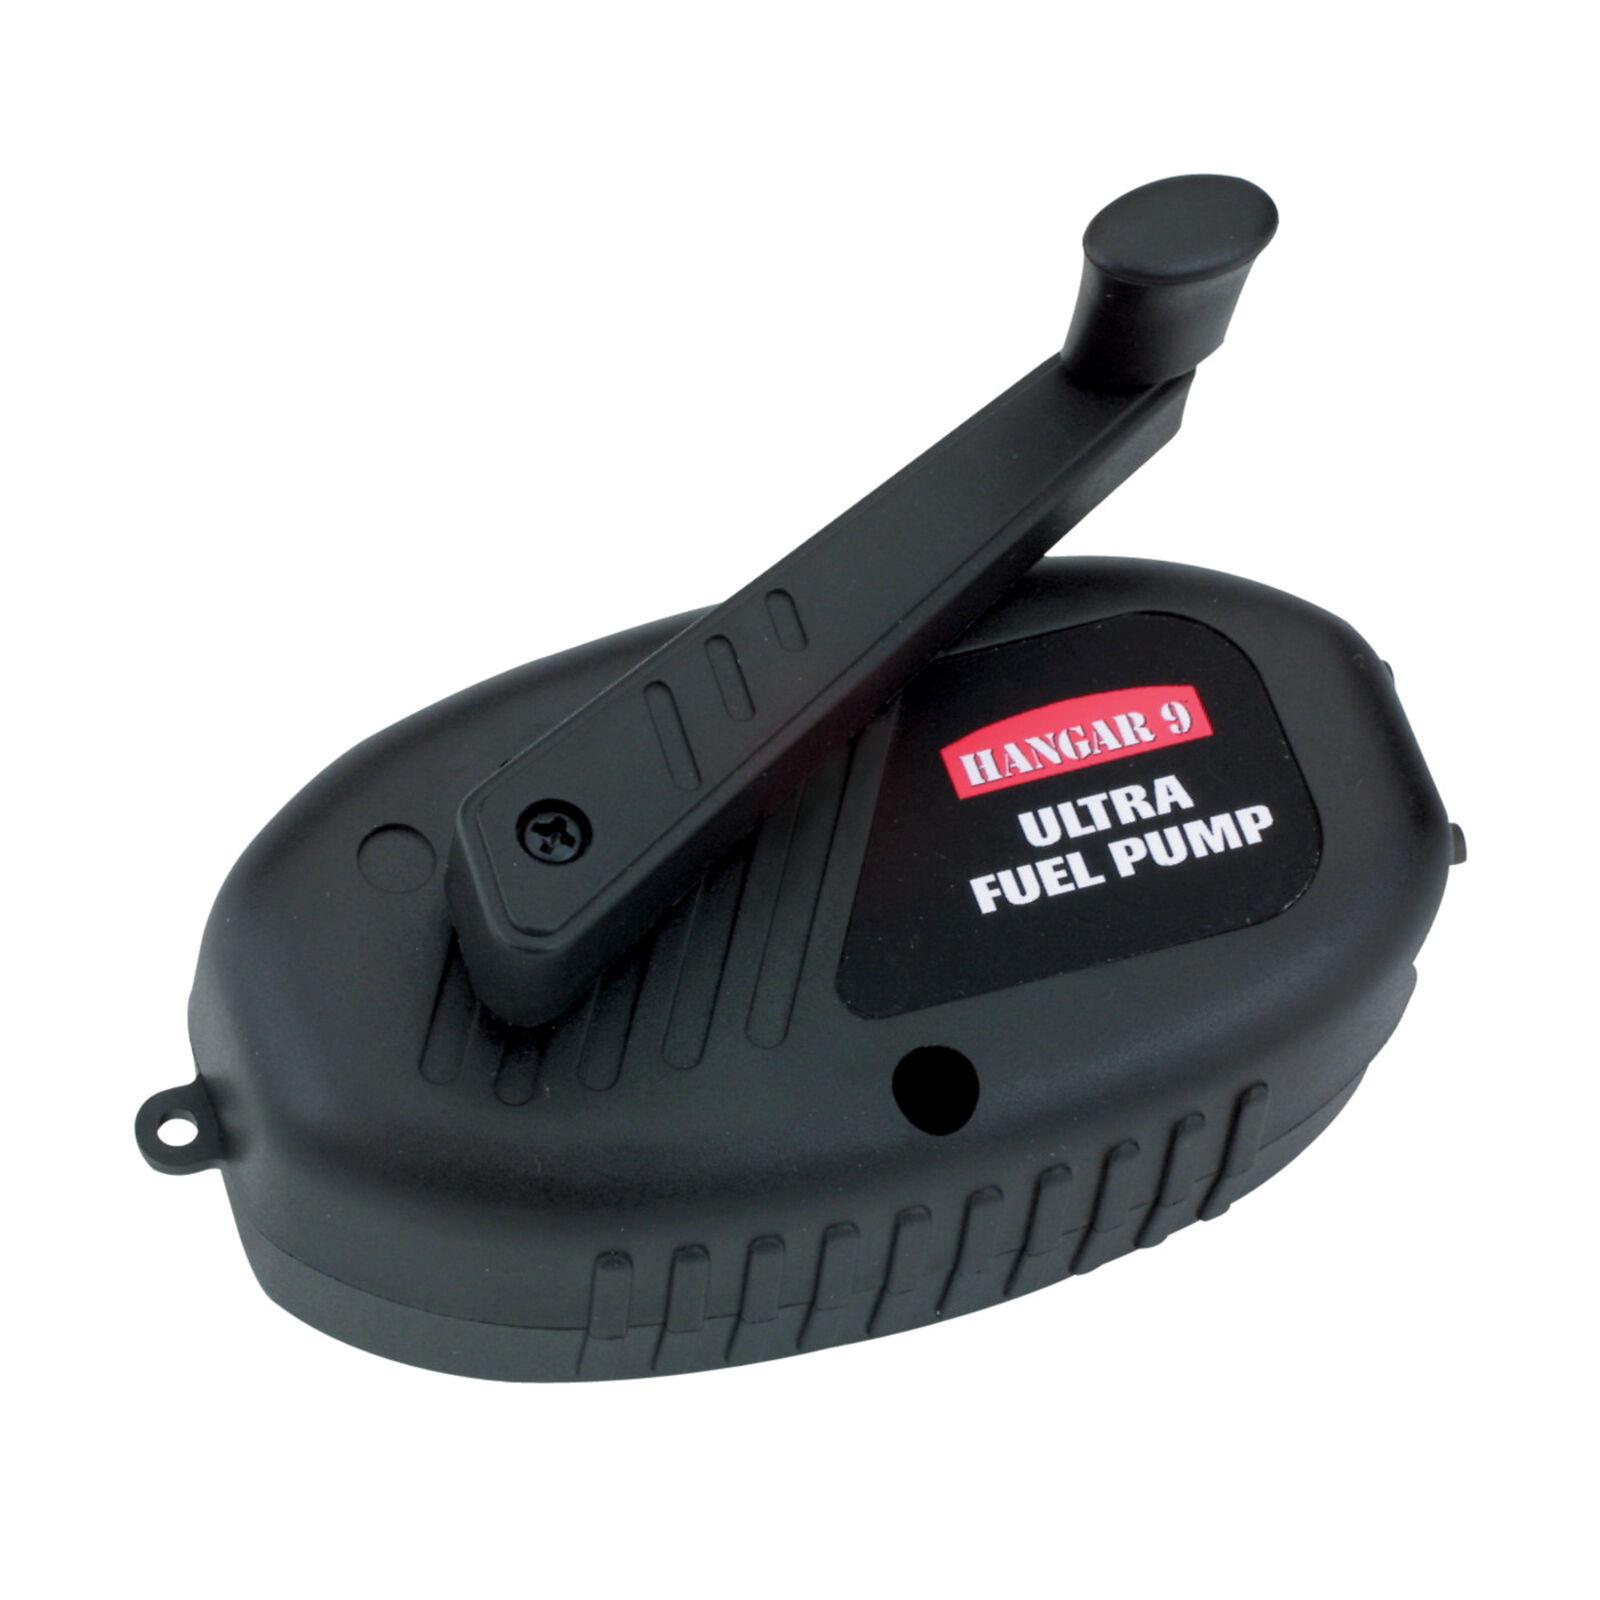 Pompe à carburant manuelle (Glow et Essence)